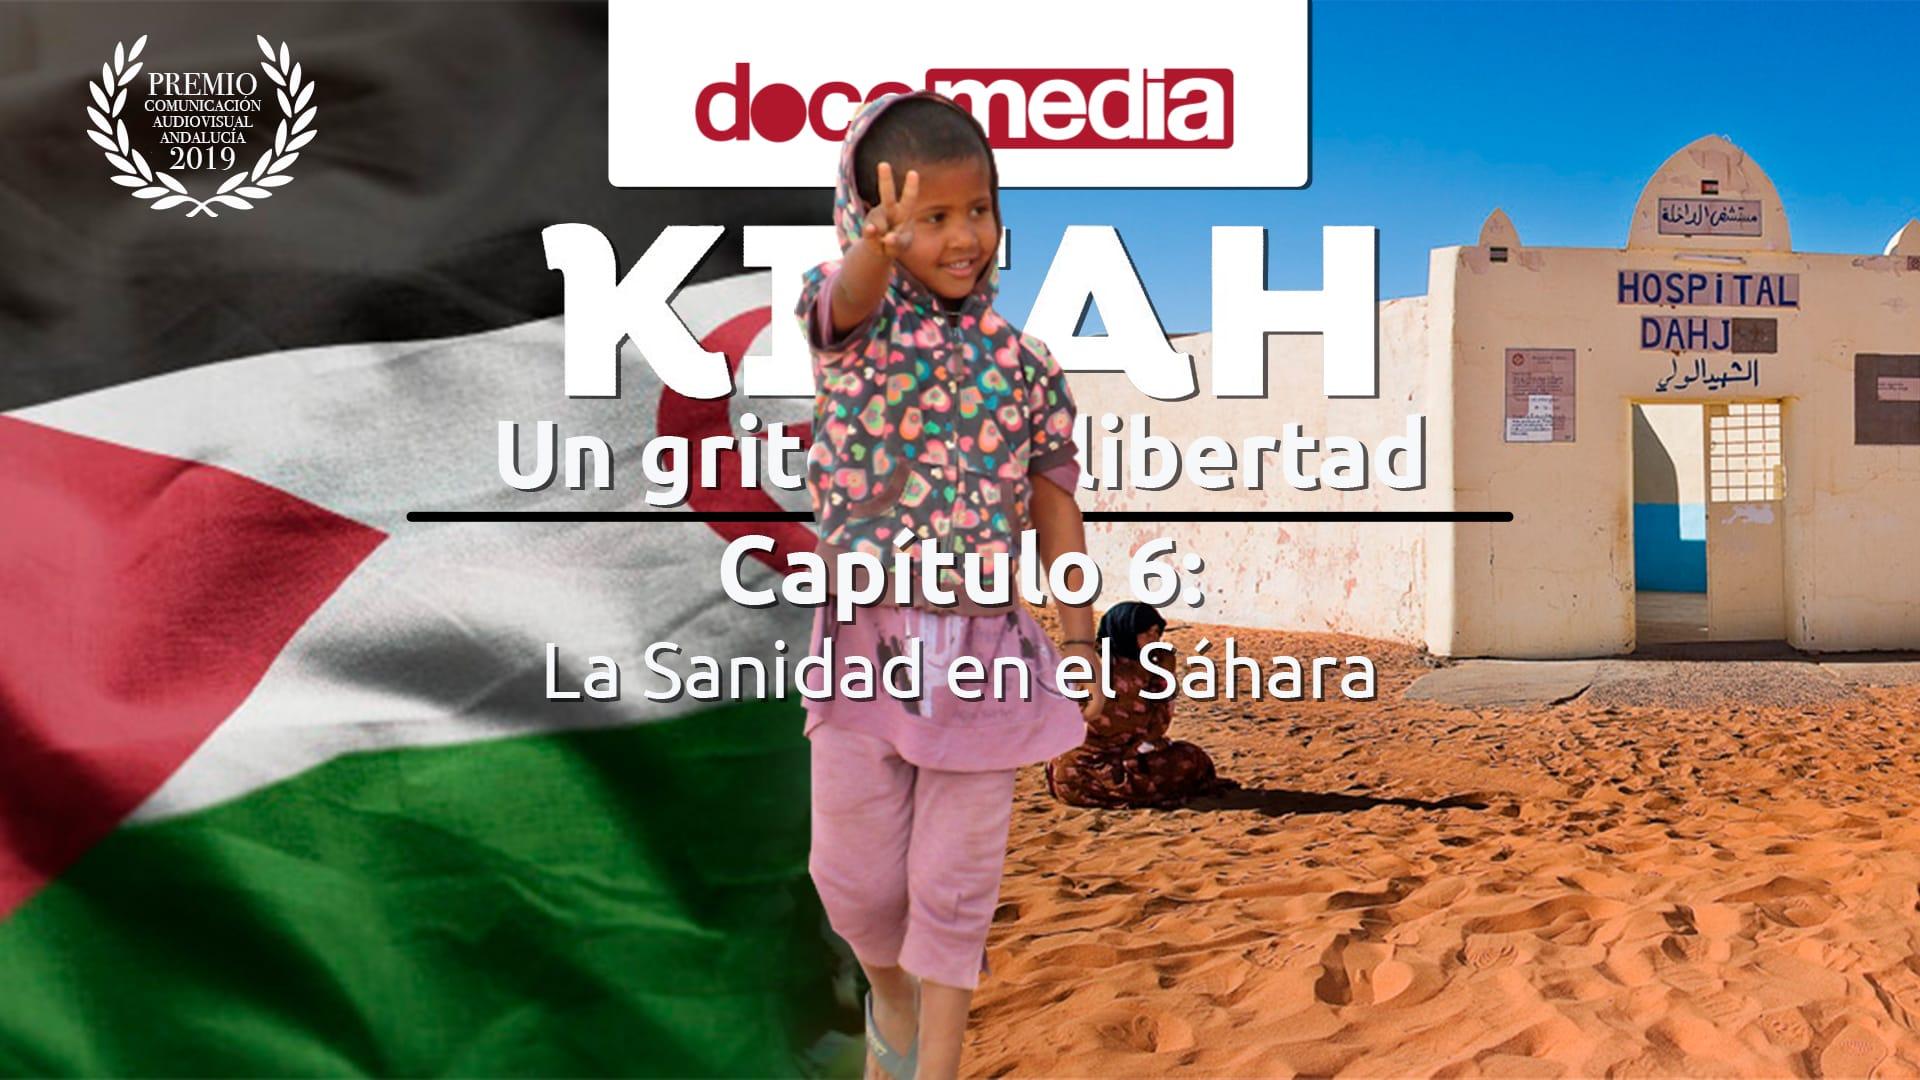 La sanidad en el Sáhara